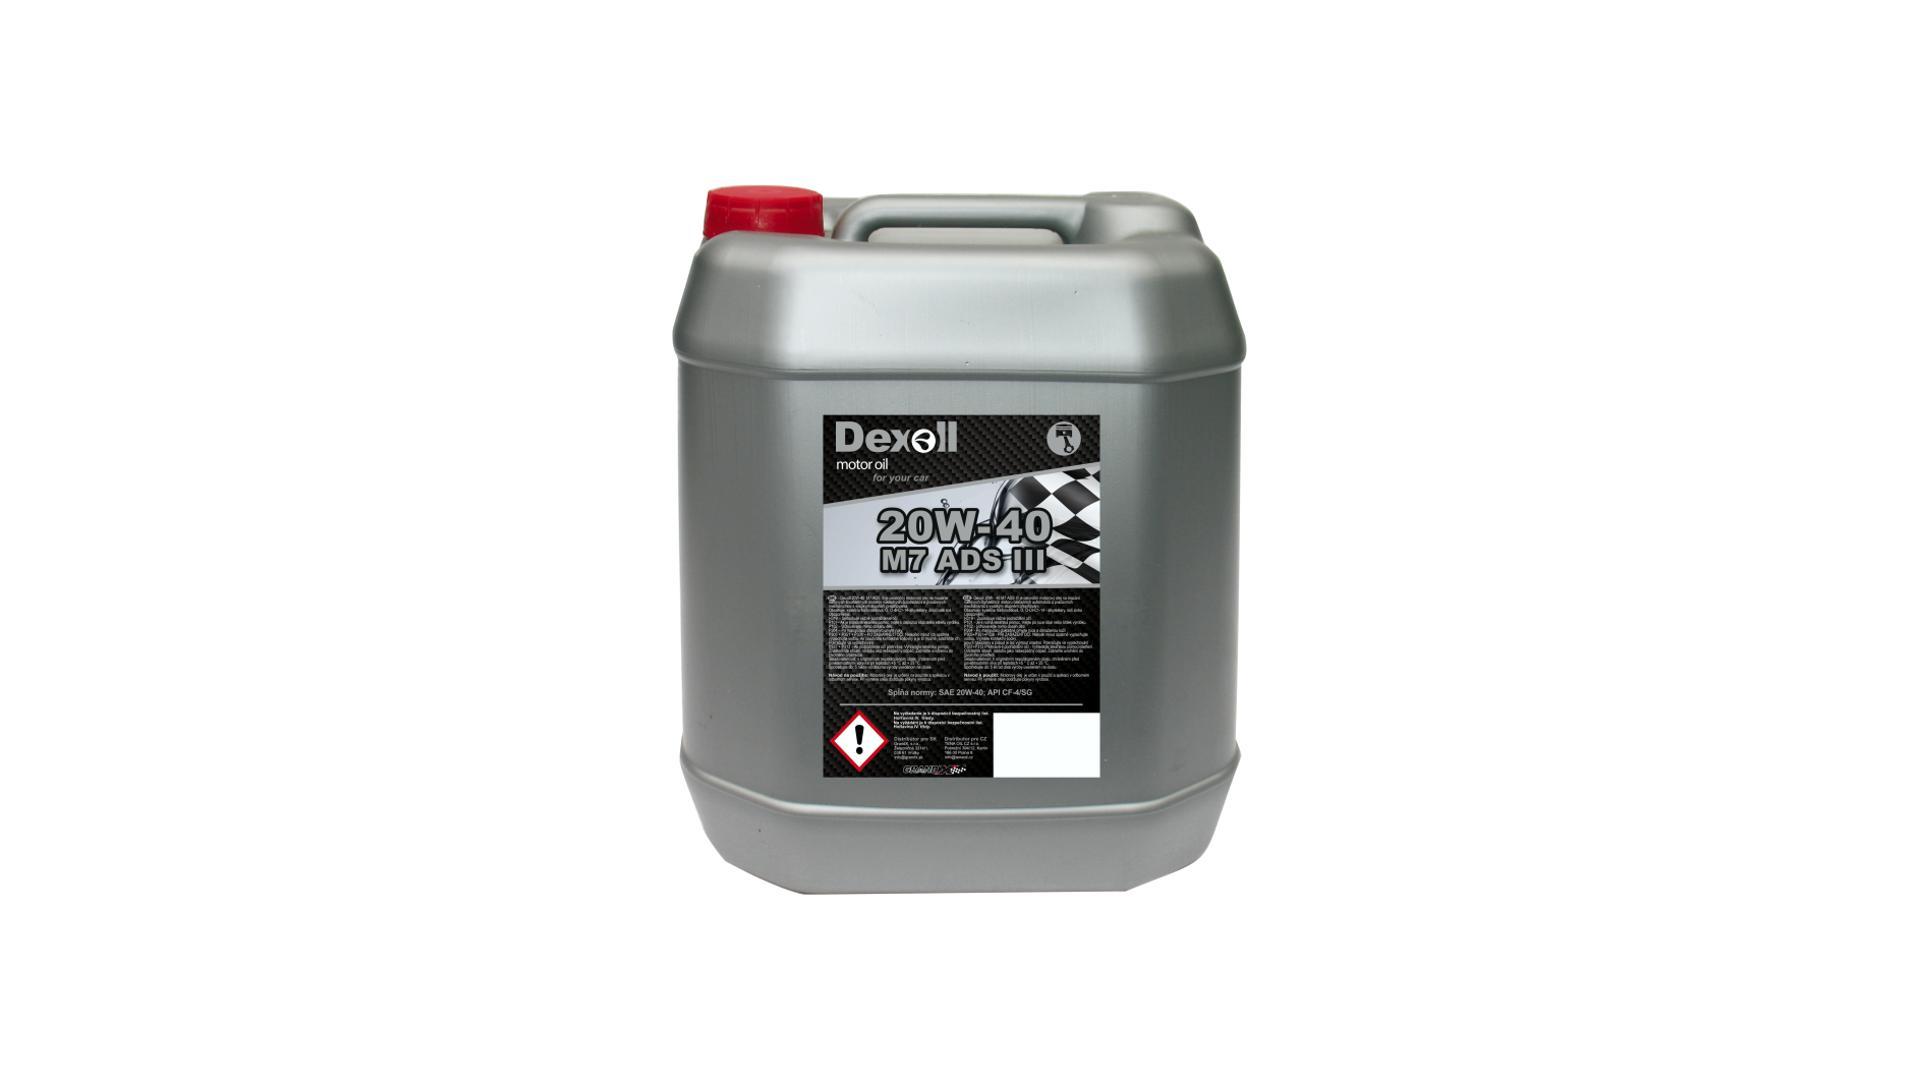 DEXOLL 20W-40 M7 ADS III 20L